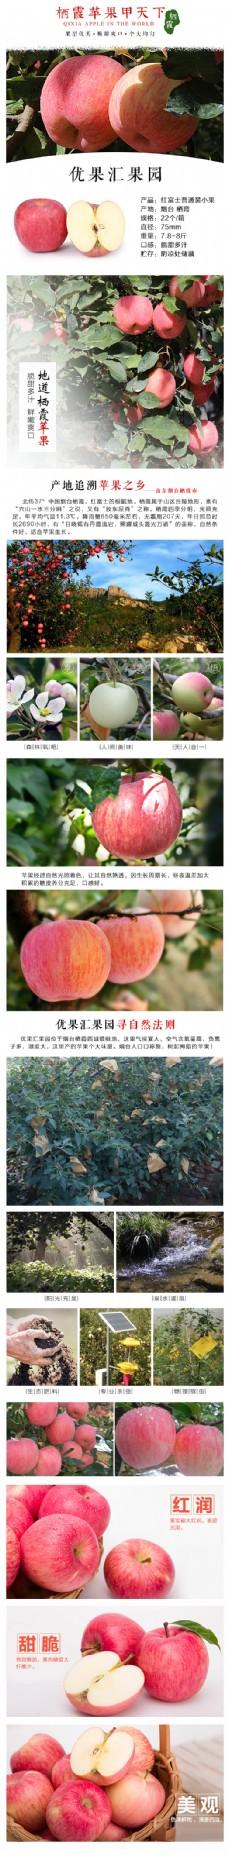 苹果详情页 水果详情页   红富士详情页